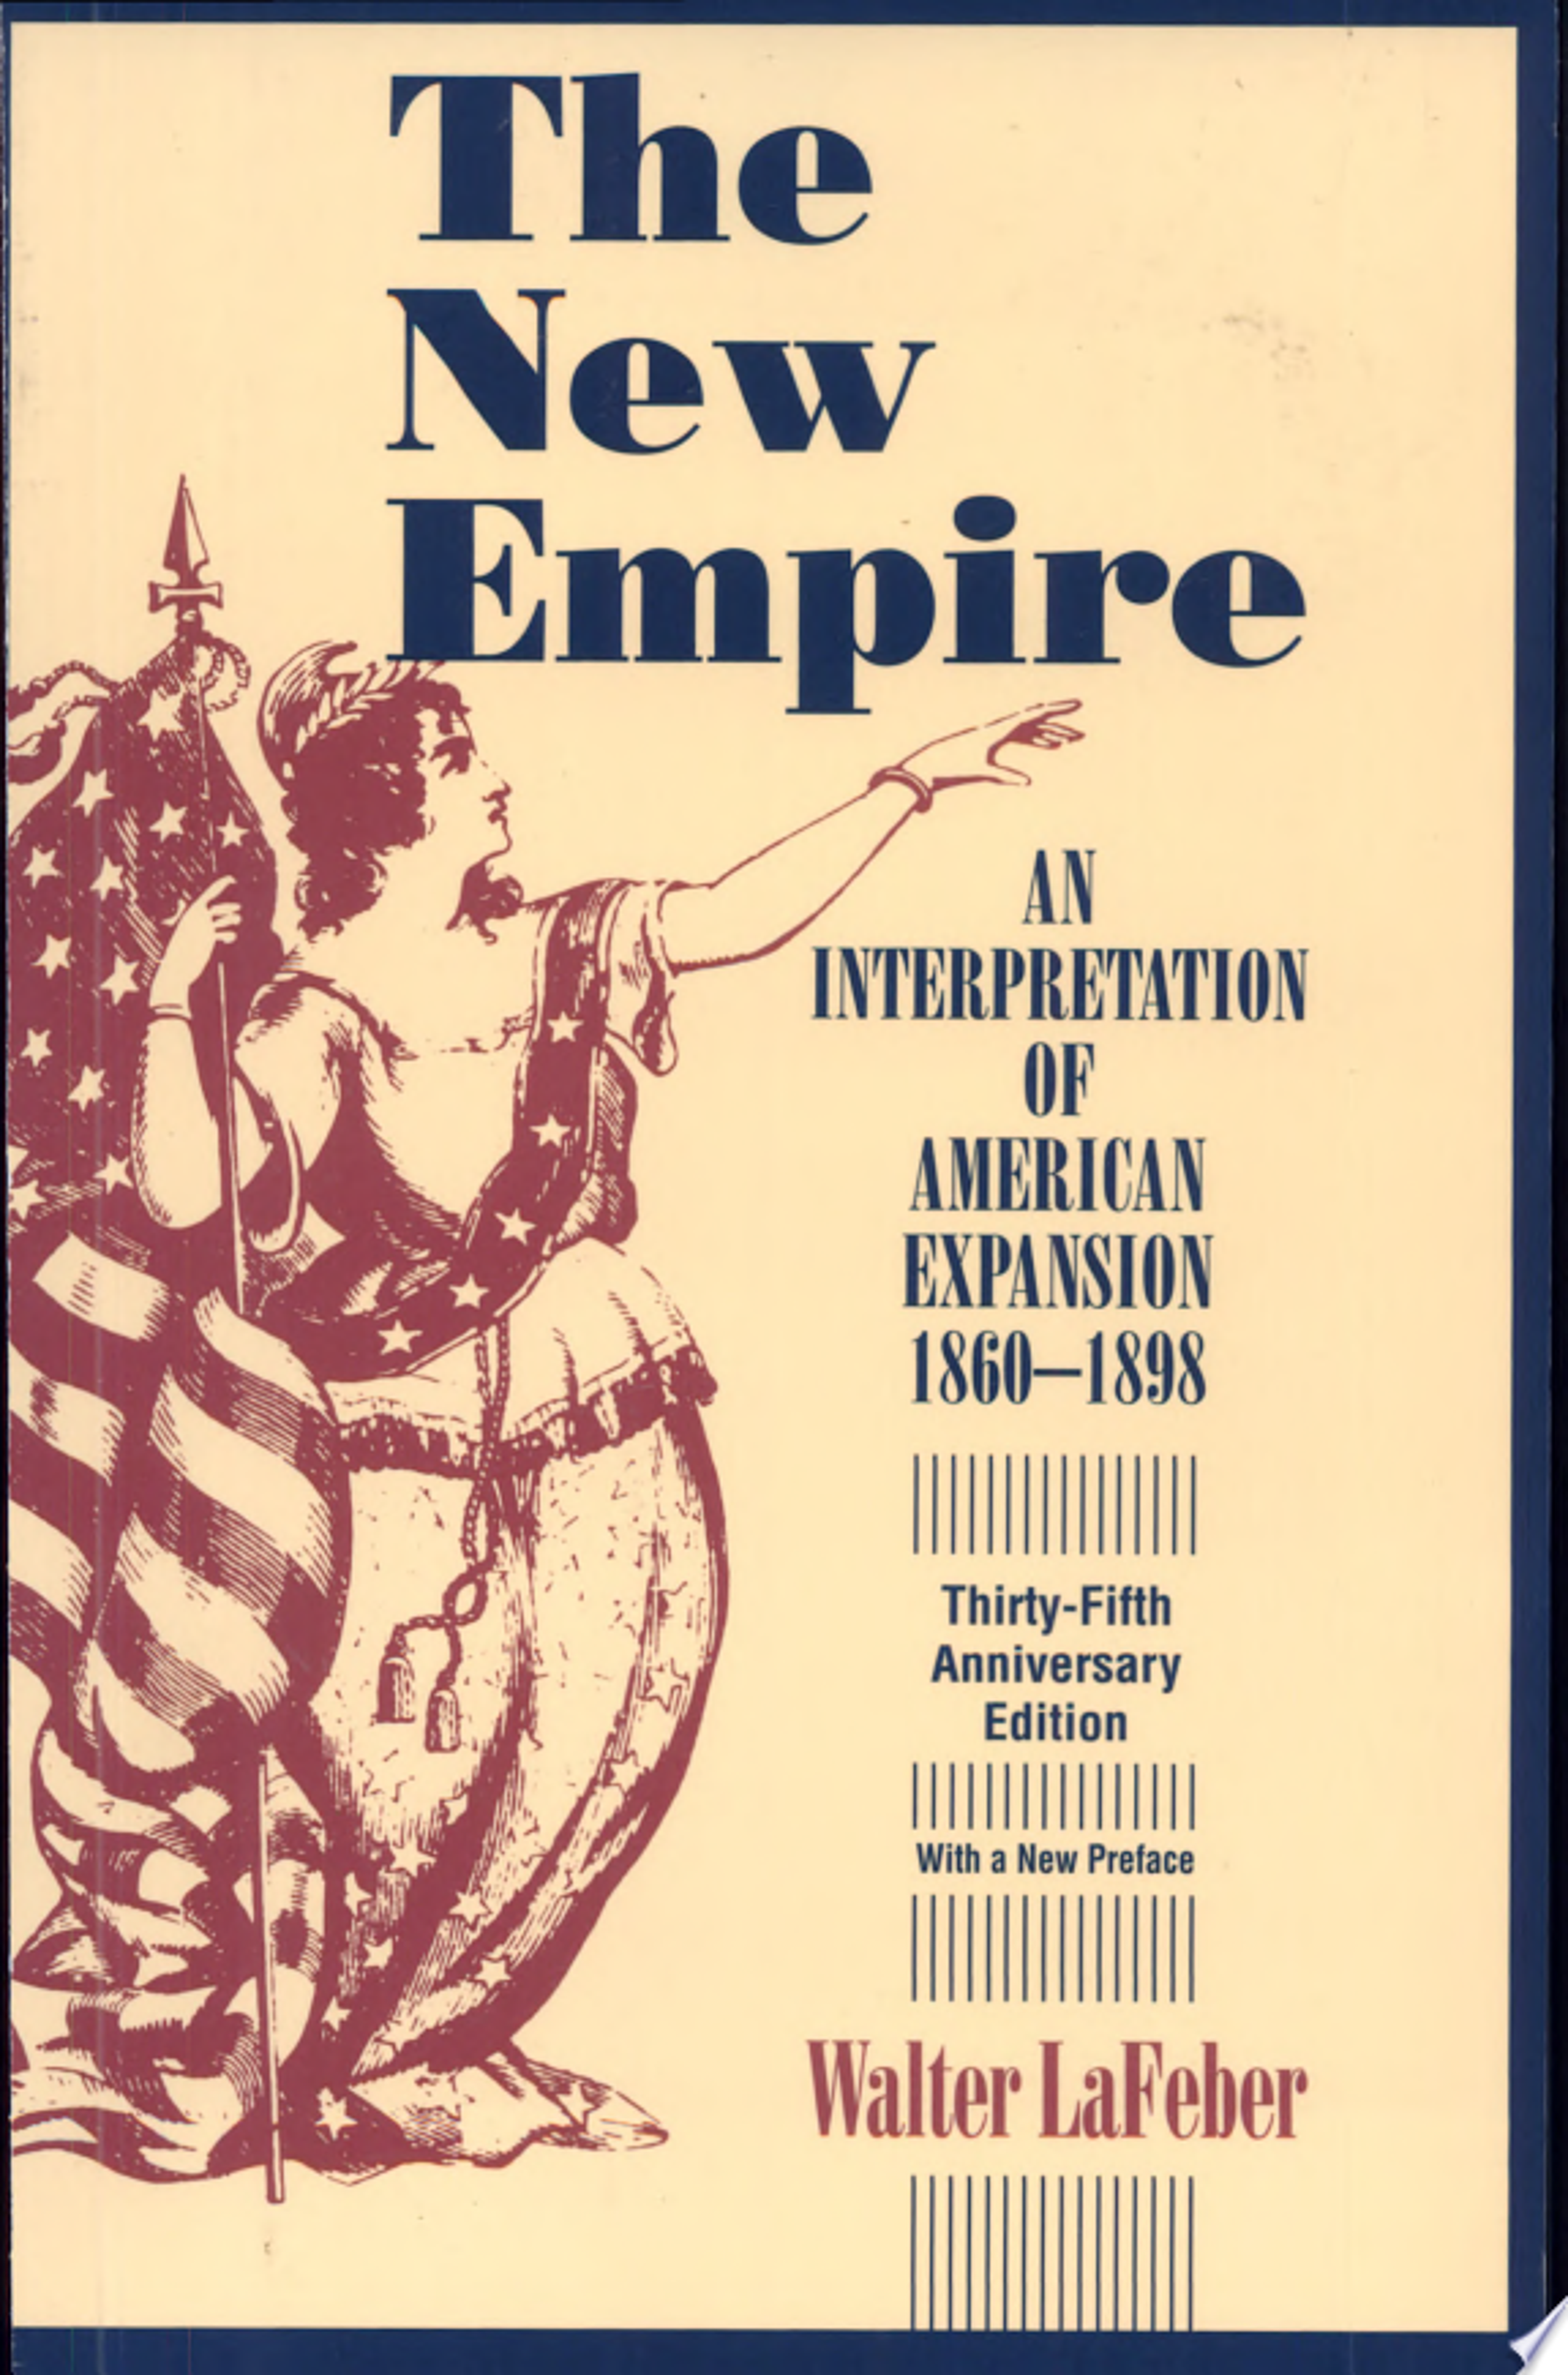 The New Empire